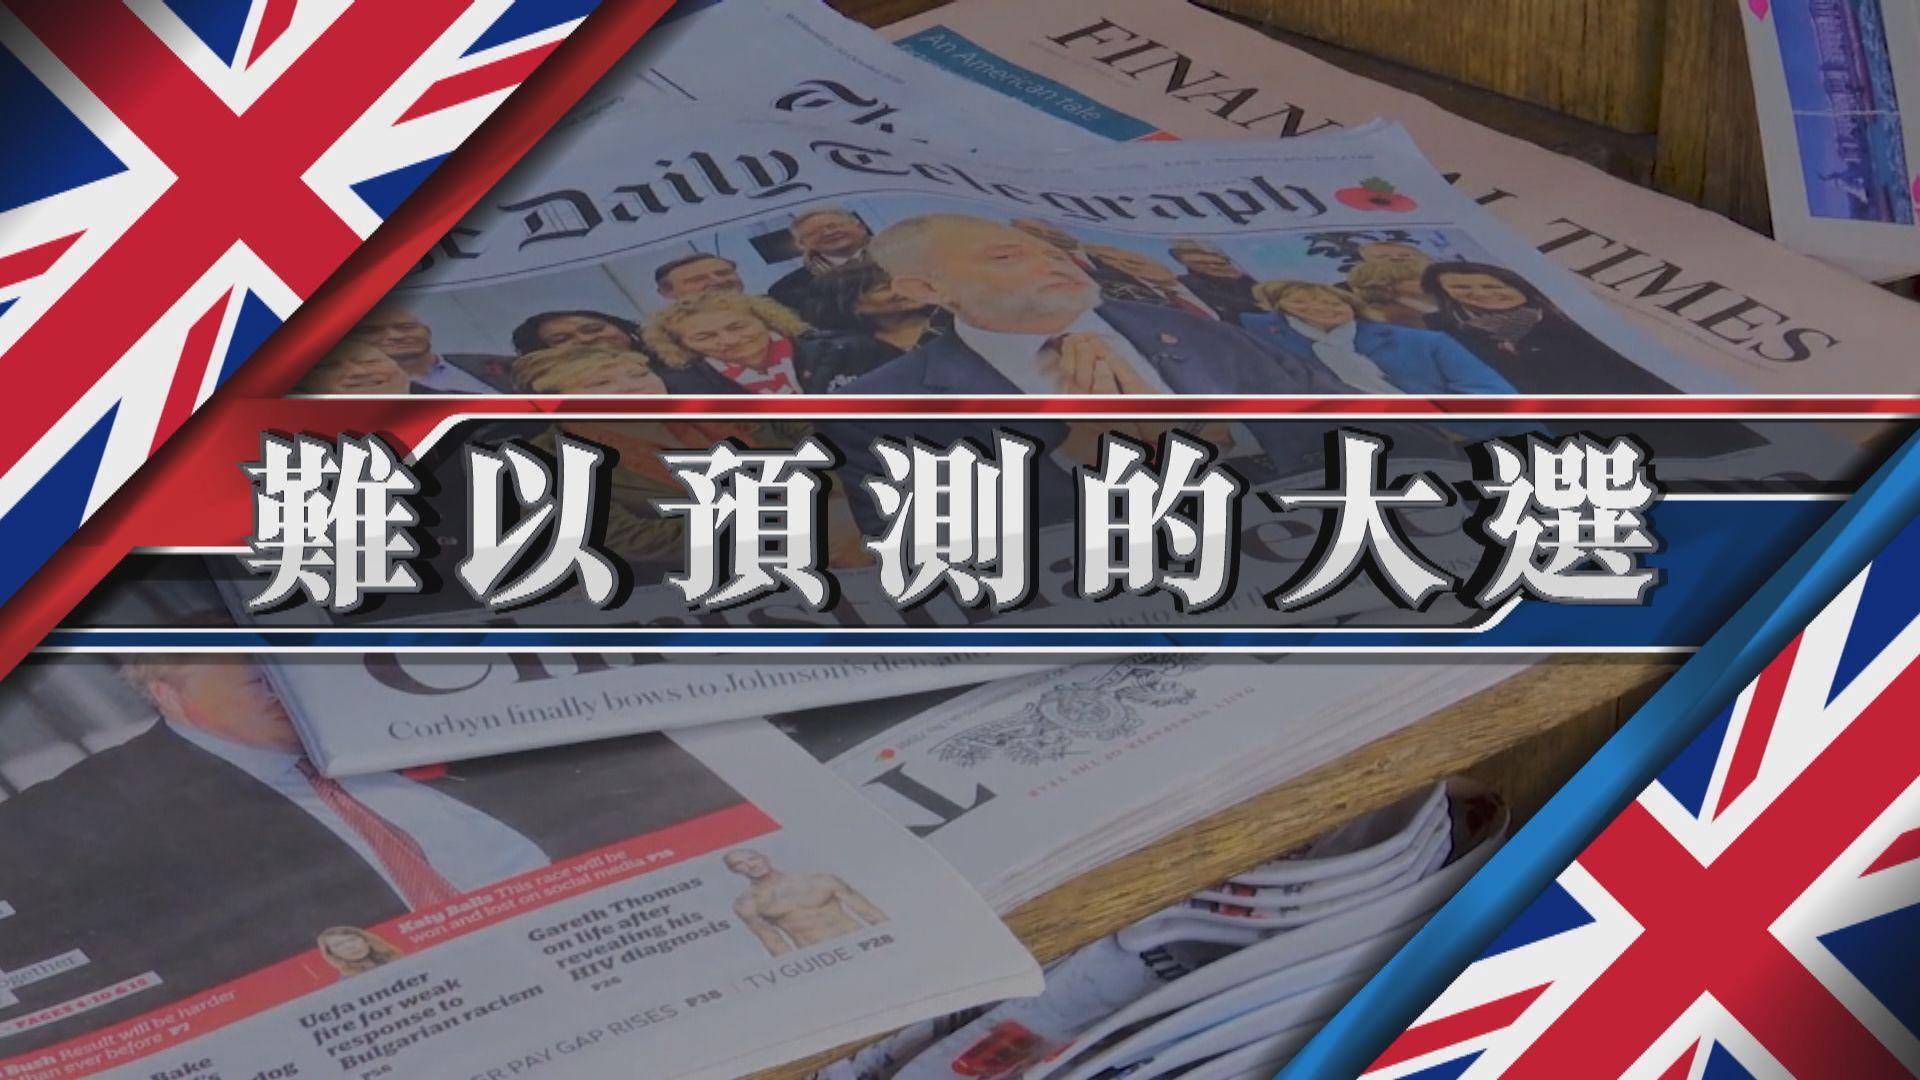 【新聞智庫】選民脫歐立場未定、天氣影響投票意欲 英國大選結果難料